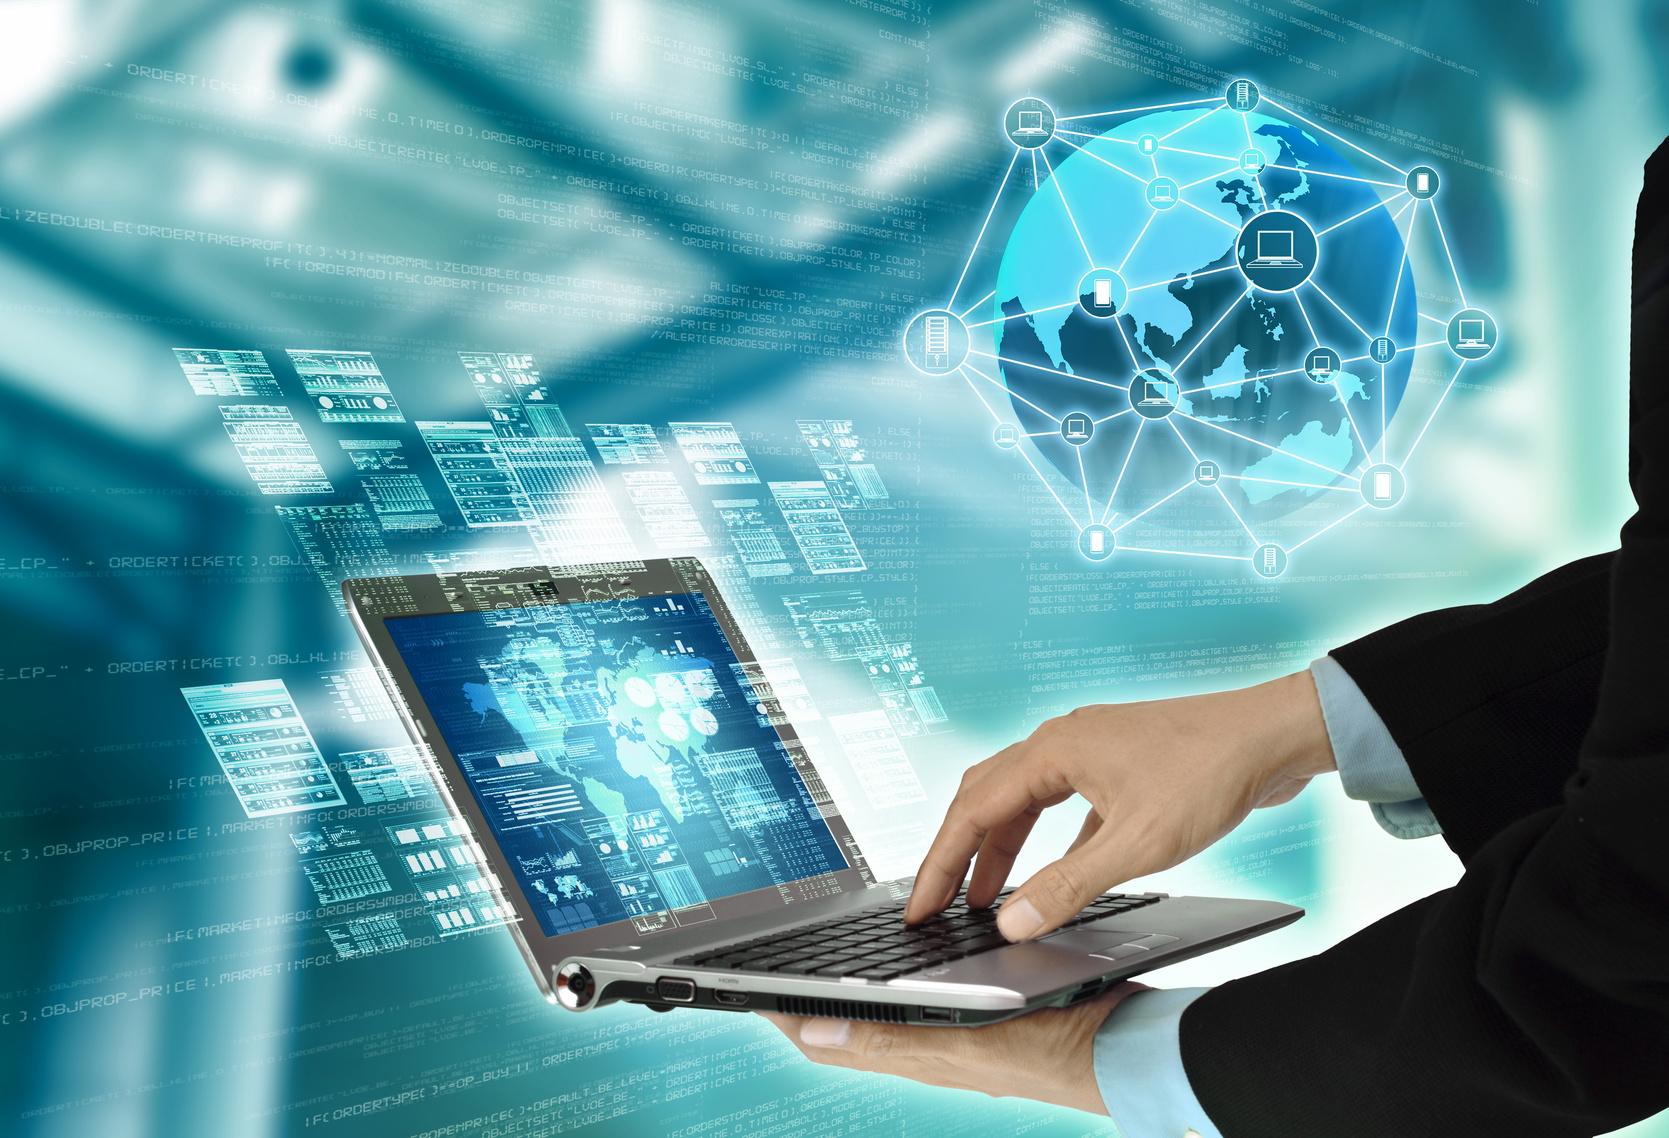 Tại sao học ngành Công nghệ thông tin tại Mỹ?